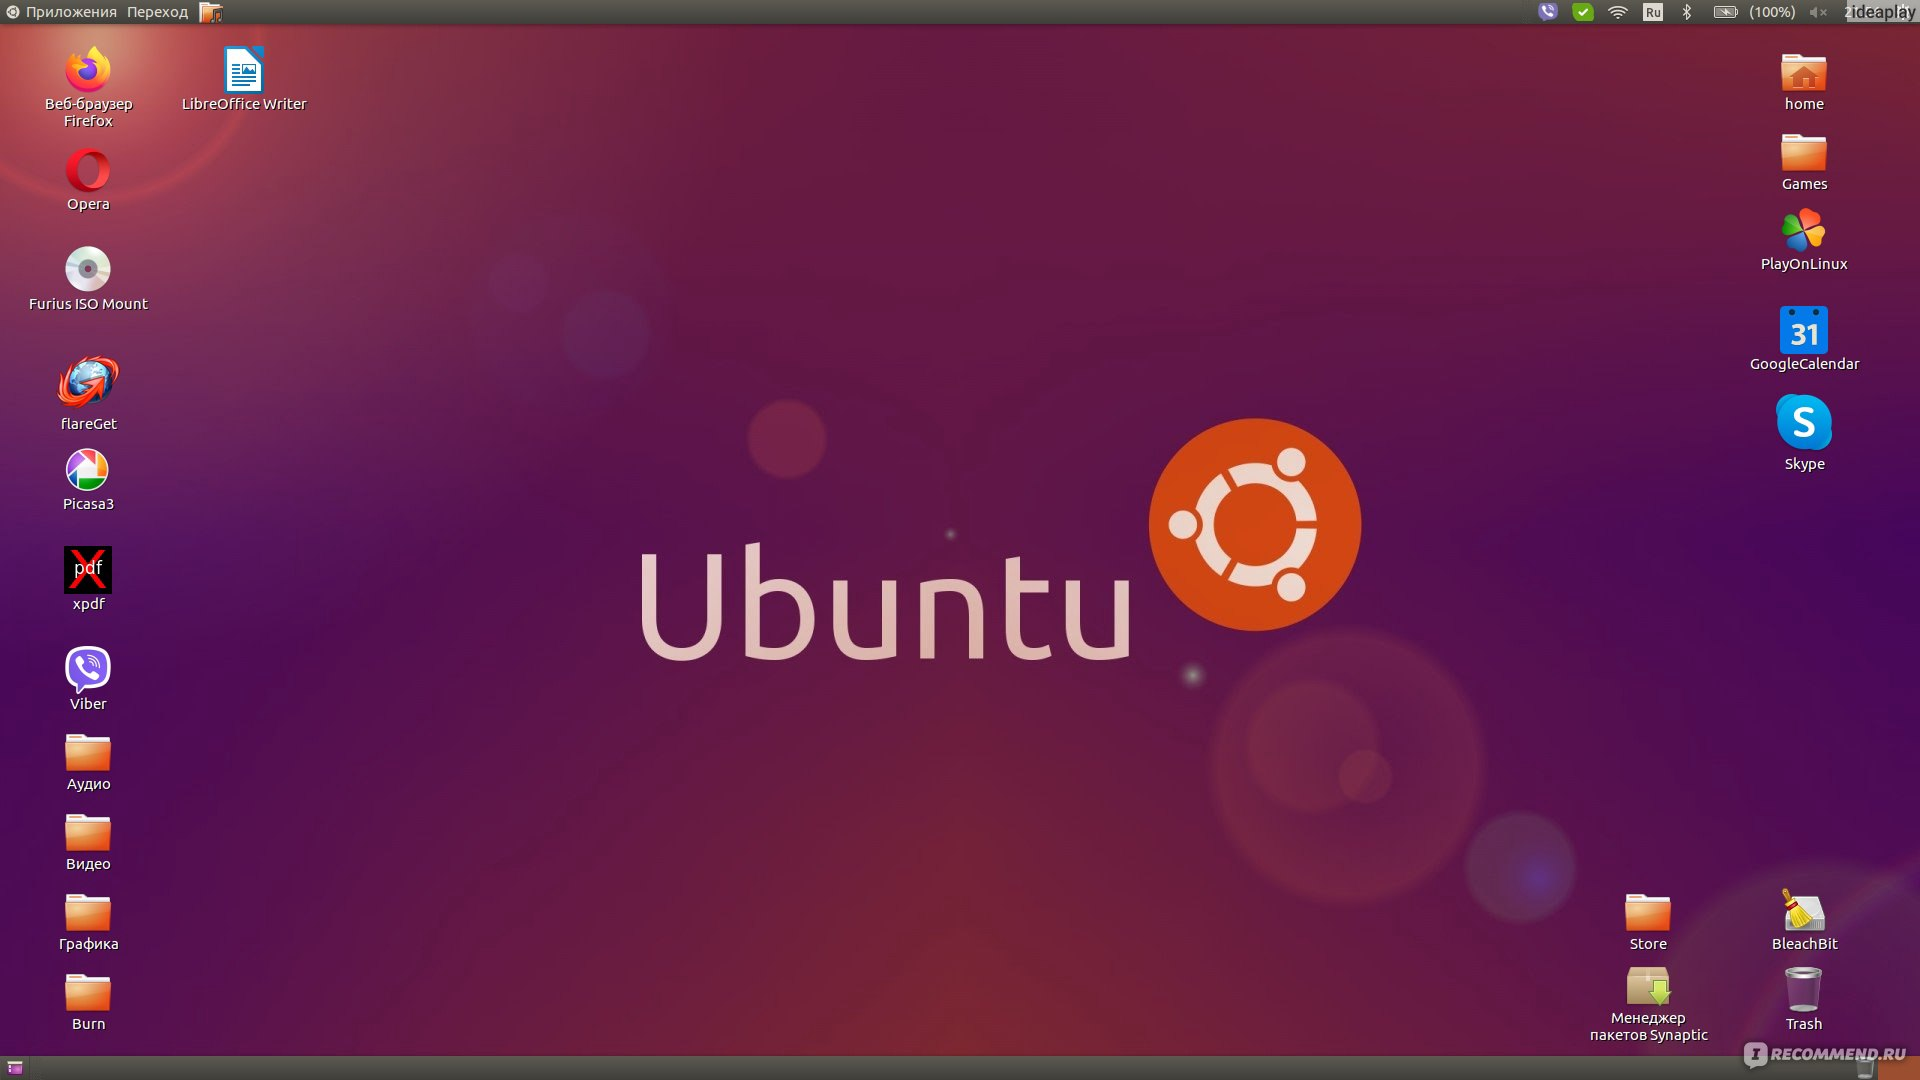 тор браузер для линукс убунту гидра